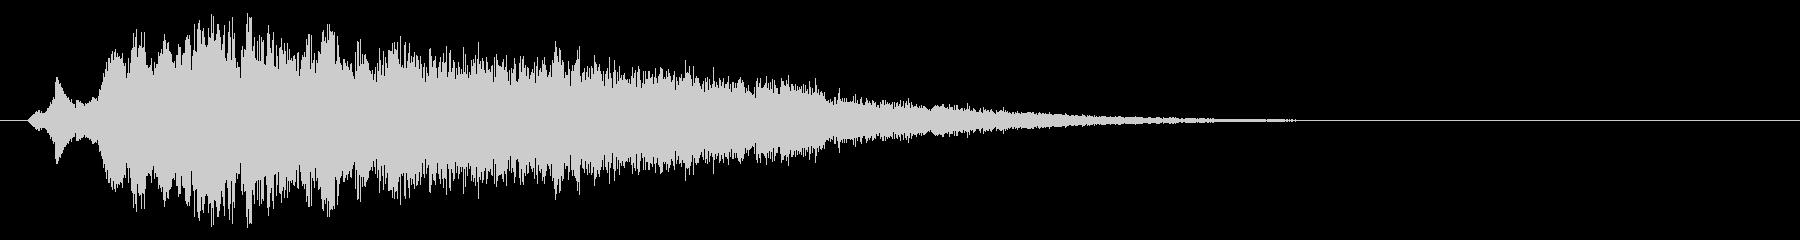 ミステリー(奇妙な現象の時の音)の未再生の波形